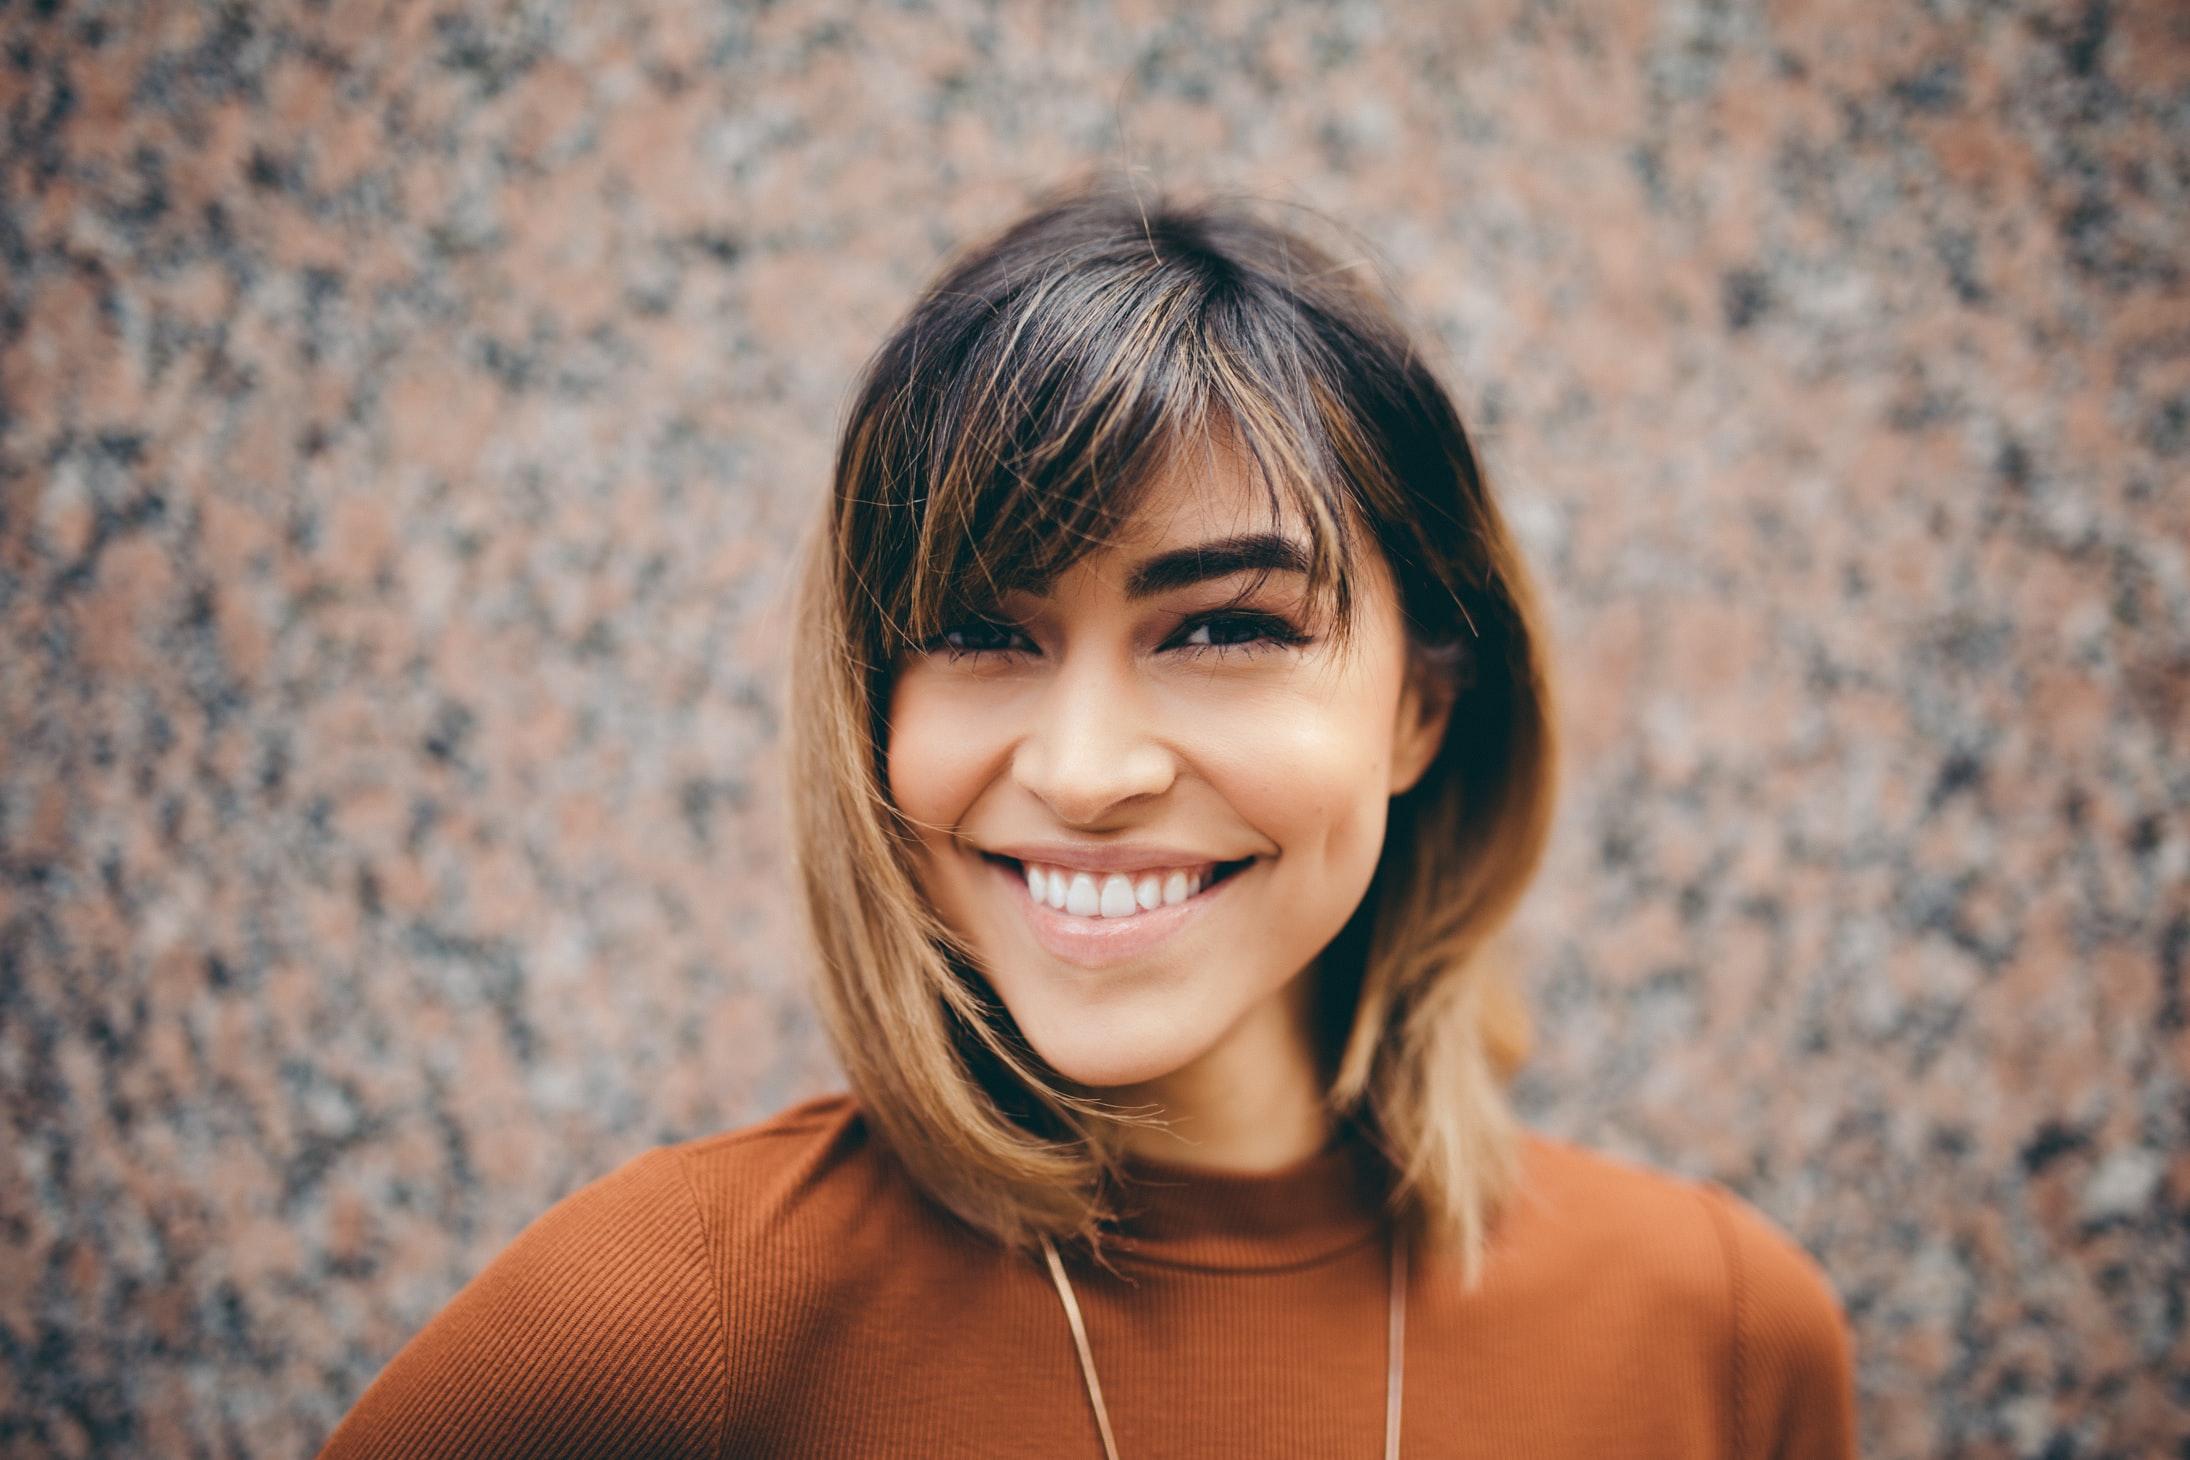 Venezuelan smiling girl